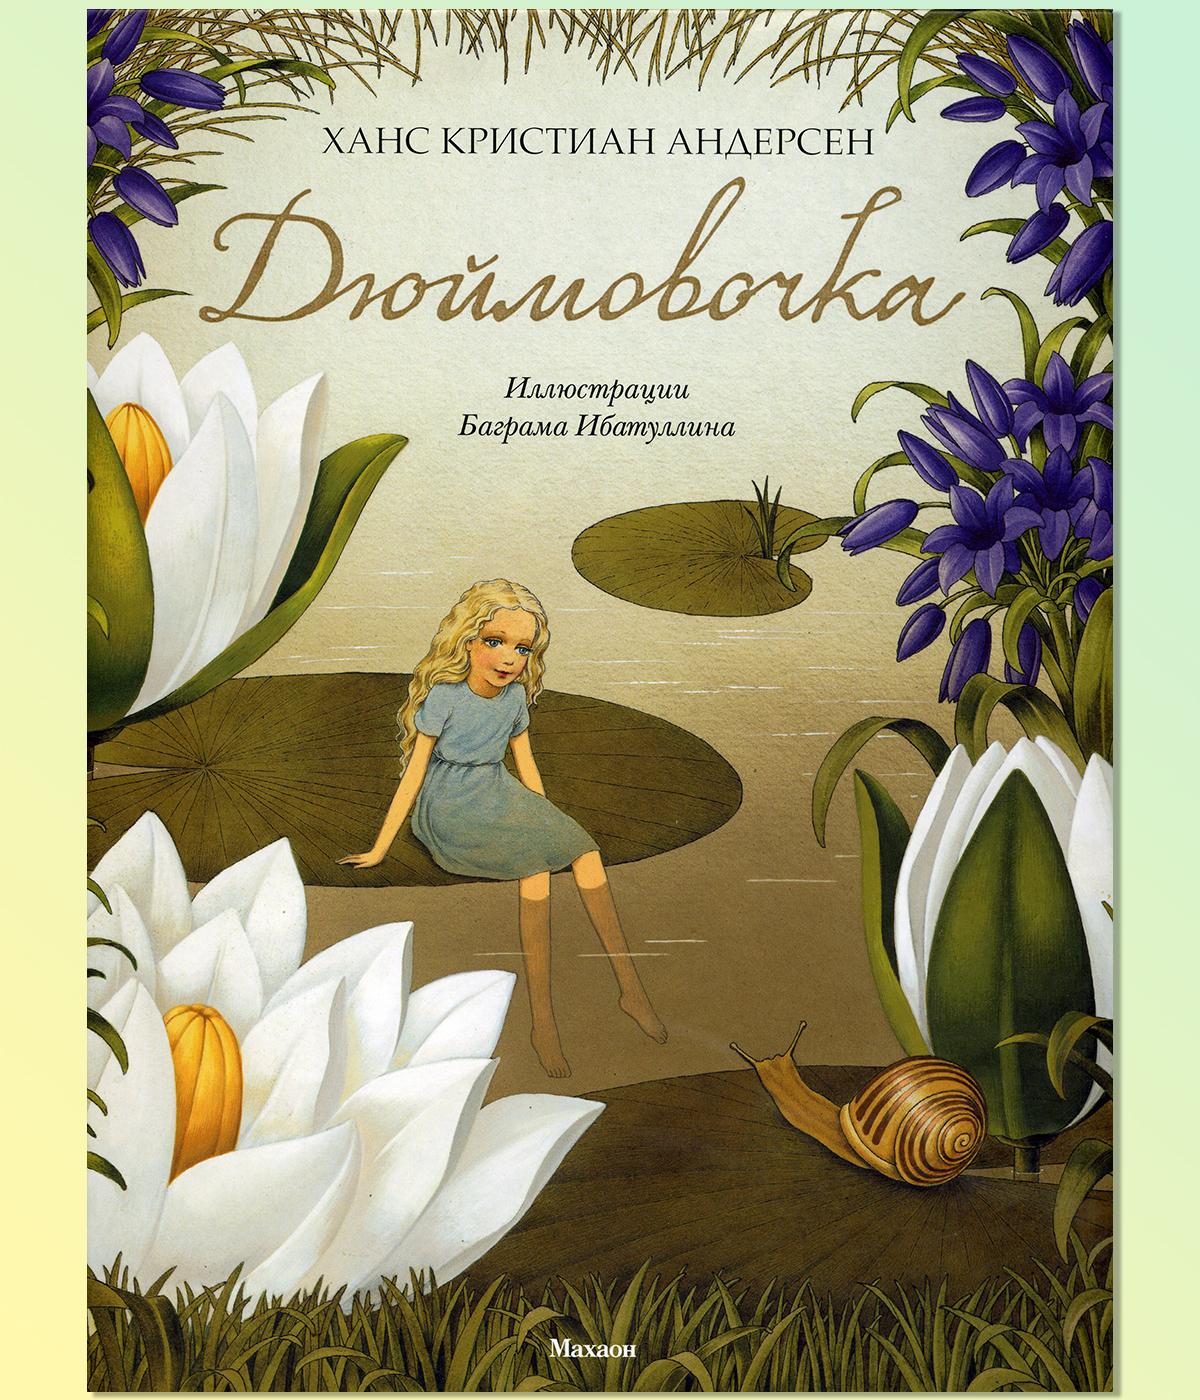 История знаменитого датского сказочника о Дюймовочке - крошечной девочке 7d659e6c2ced4